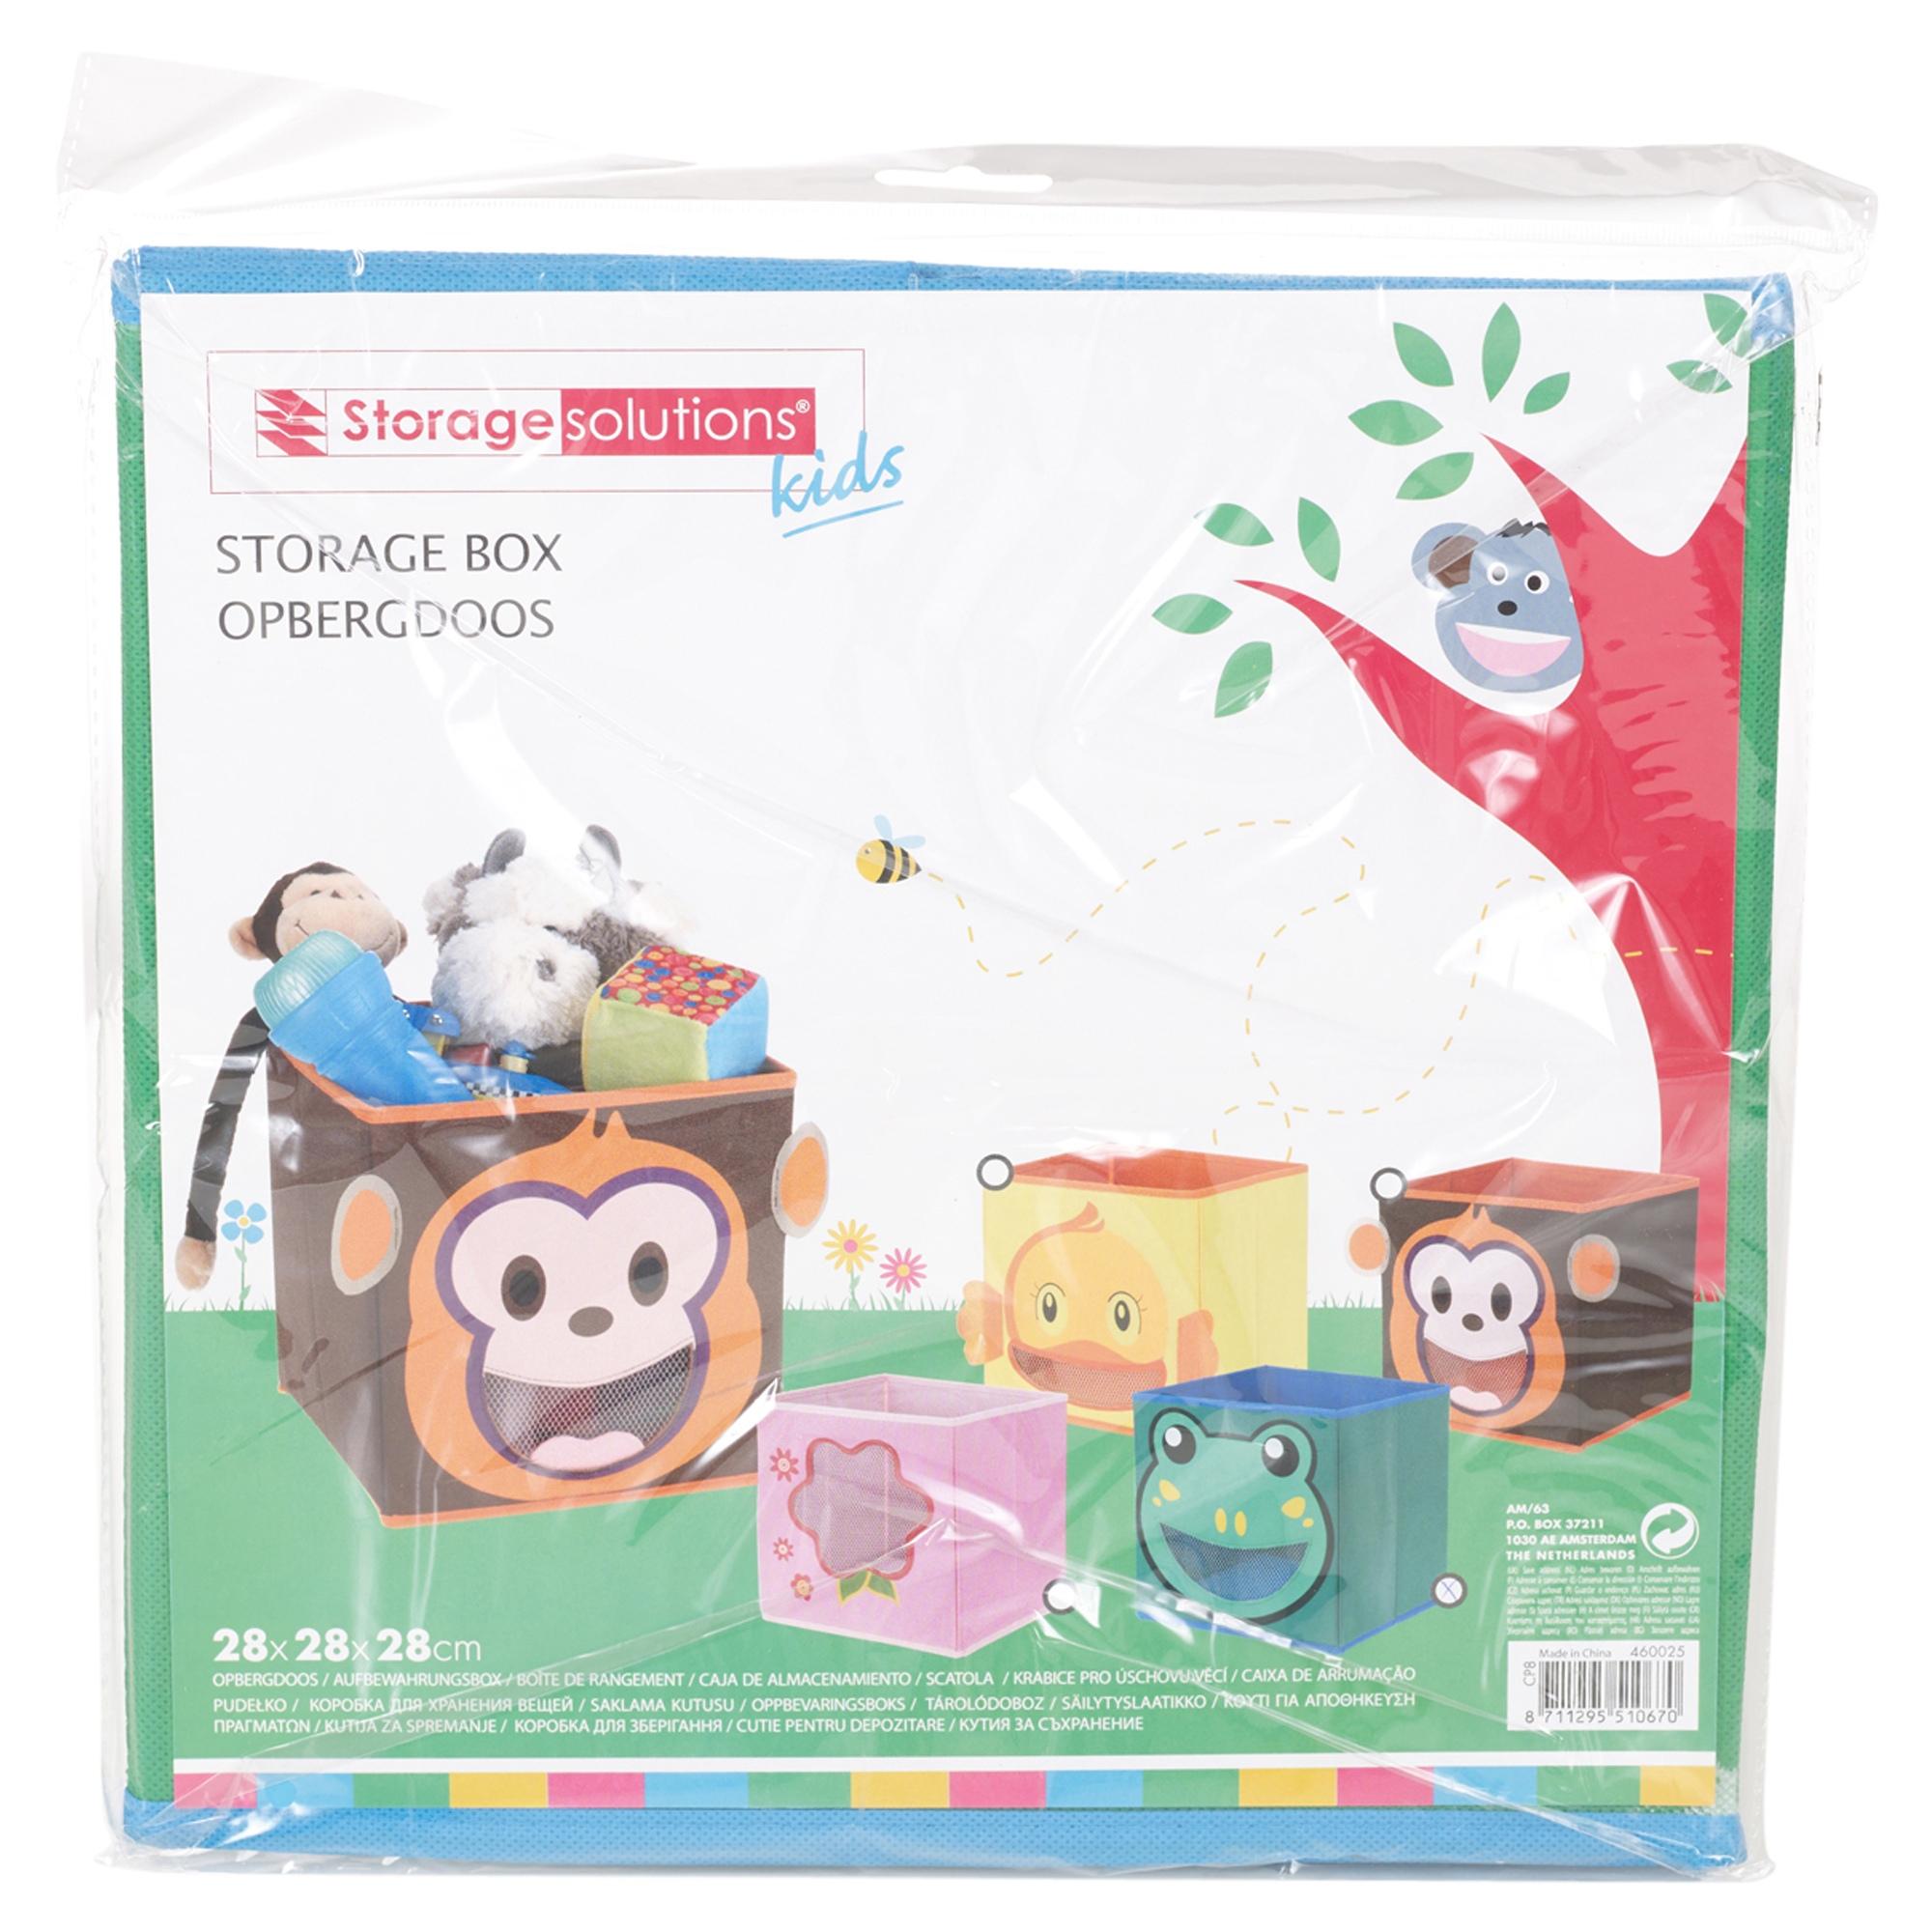 Ni os juguetes animal caja almacenaje no tejidos tela apilables organizador ebay - Almacenaje juguetes ninos ...